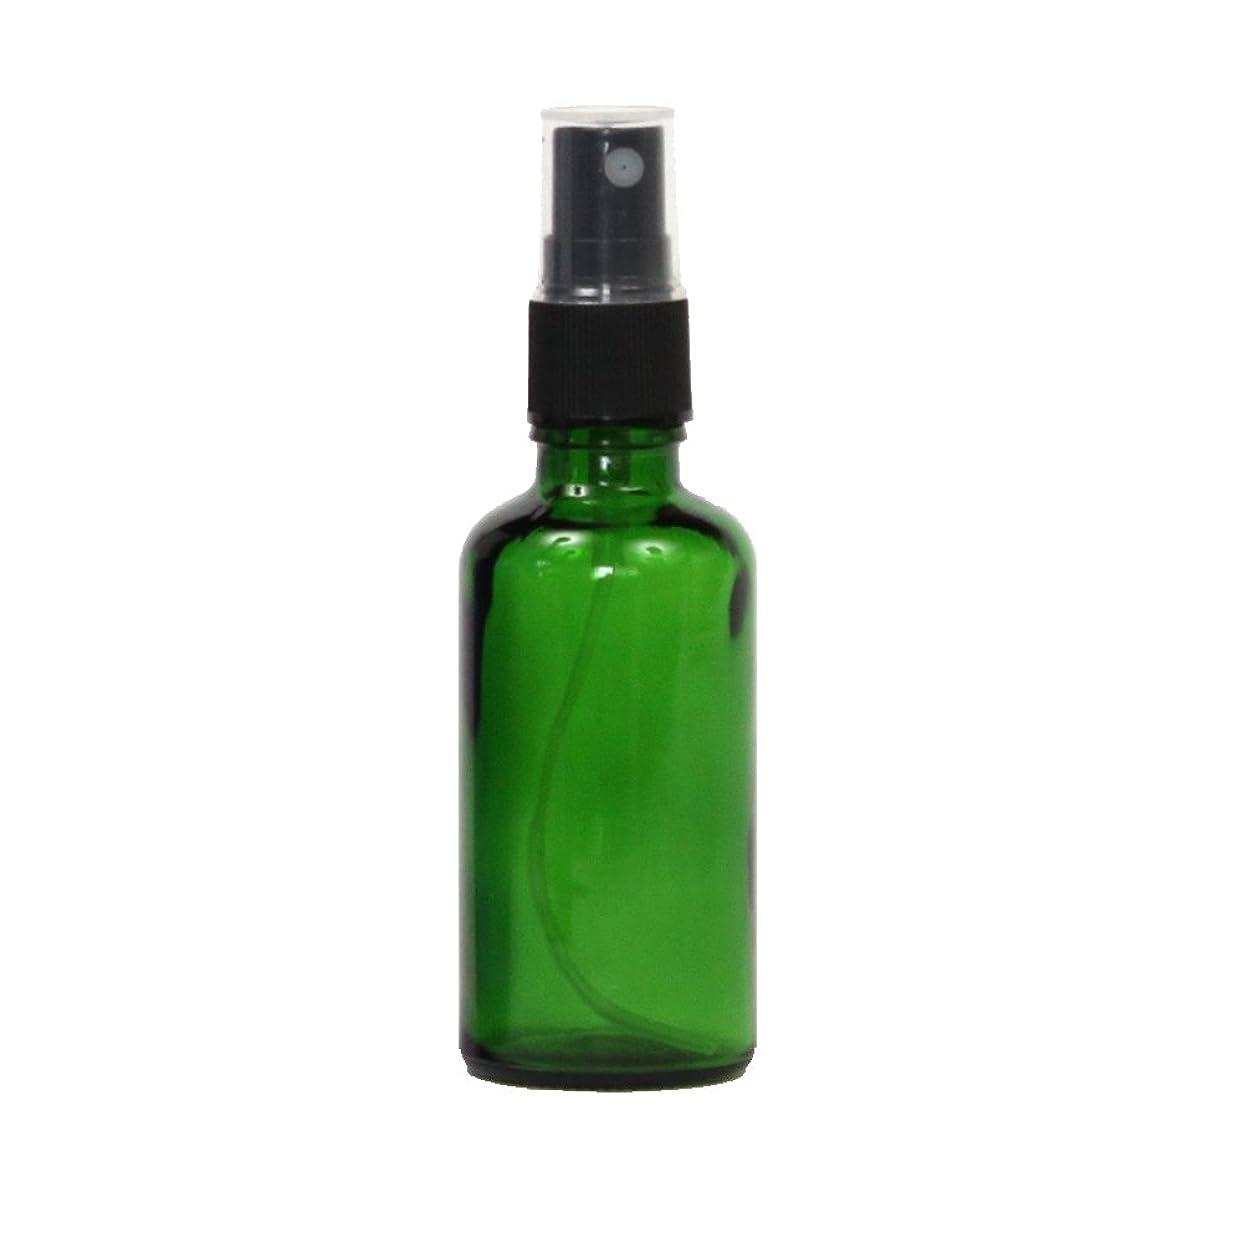 以内にマナーのれんスプレーボトル容器 ガラス瓶 50mL 遮光性グリーン ガラスアトマイザー 空容器gr50g